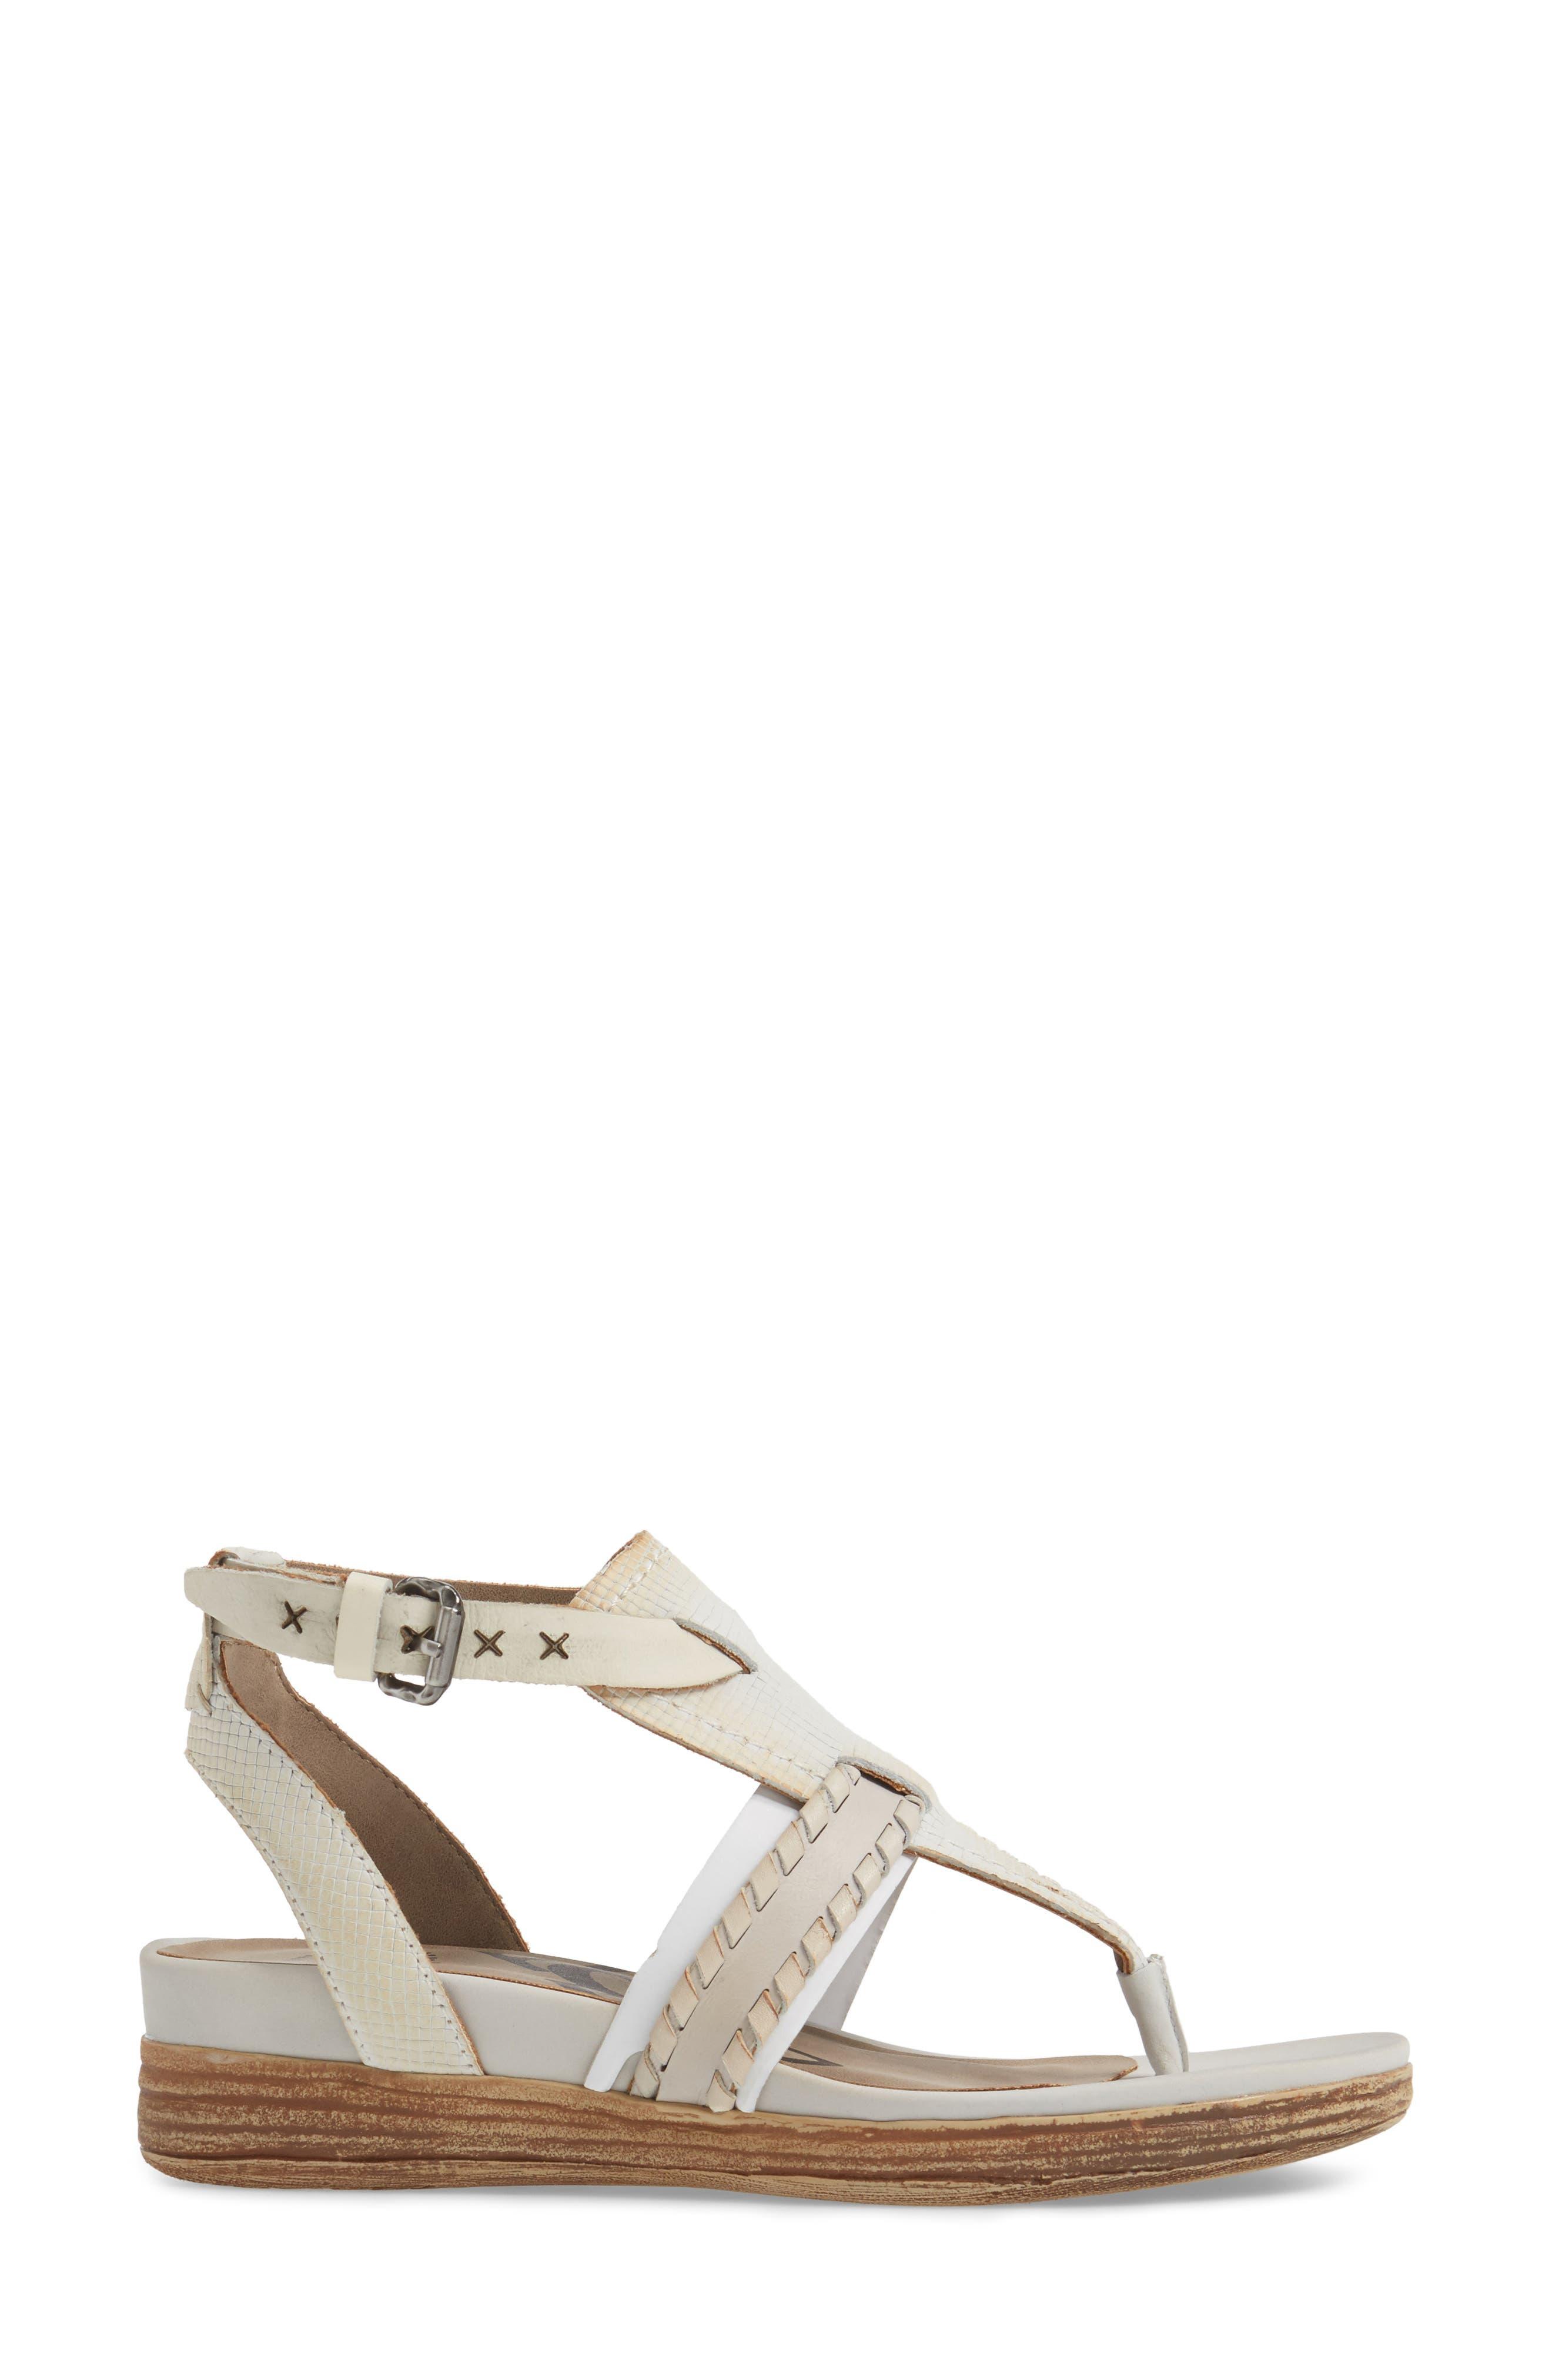 Alternate Image 3  - OTBT Celestial V-Strap Wedge Sandal (Women)